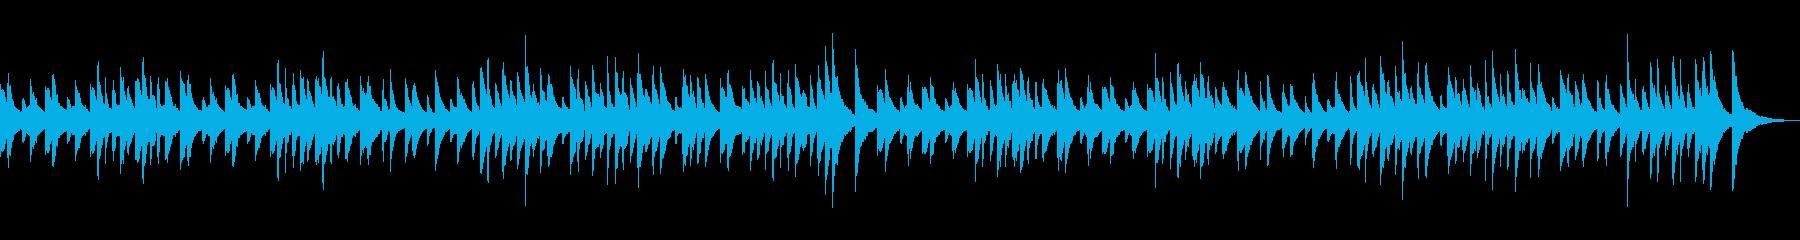 ジムノペディ 第1番、和風、琴ver.の再生済みの波形